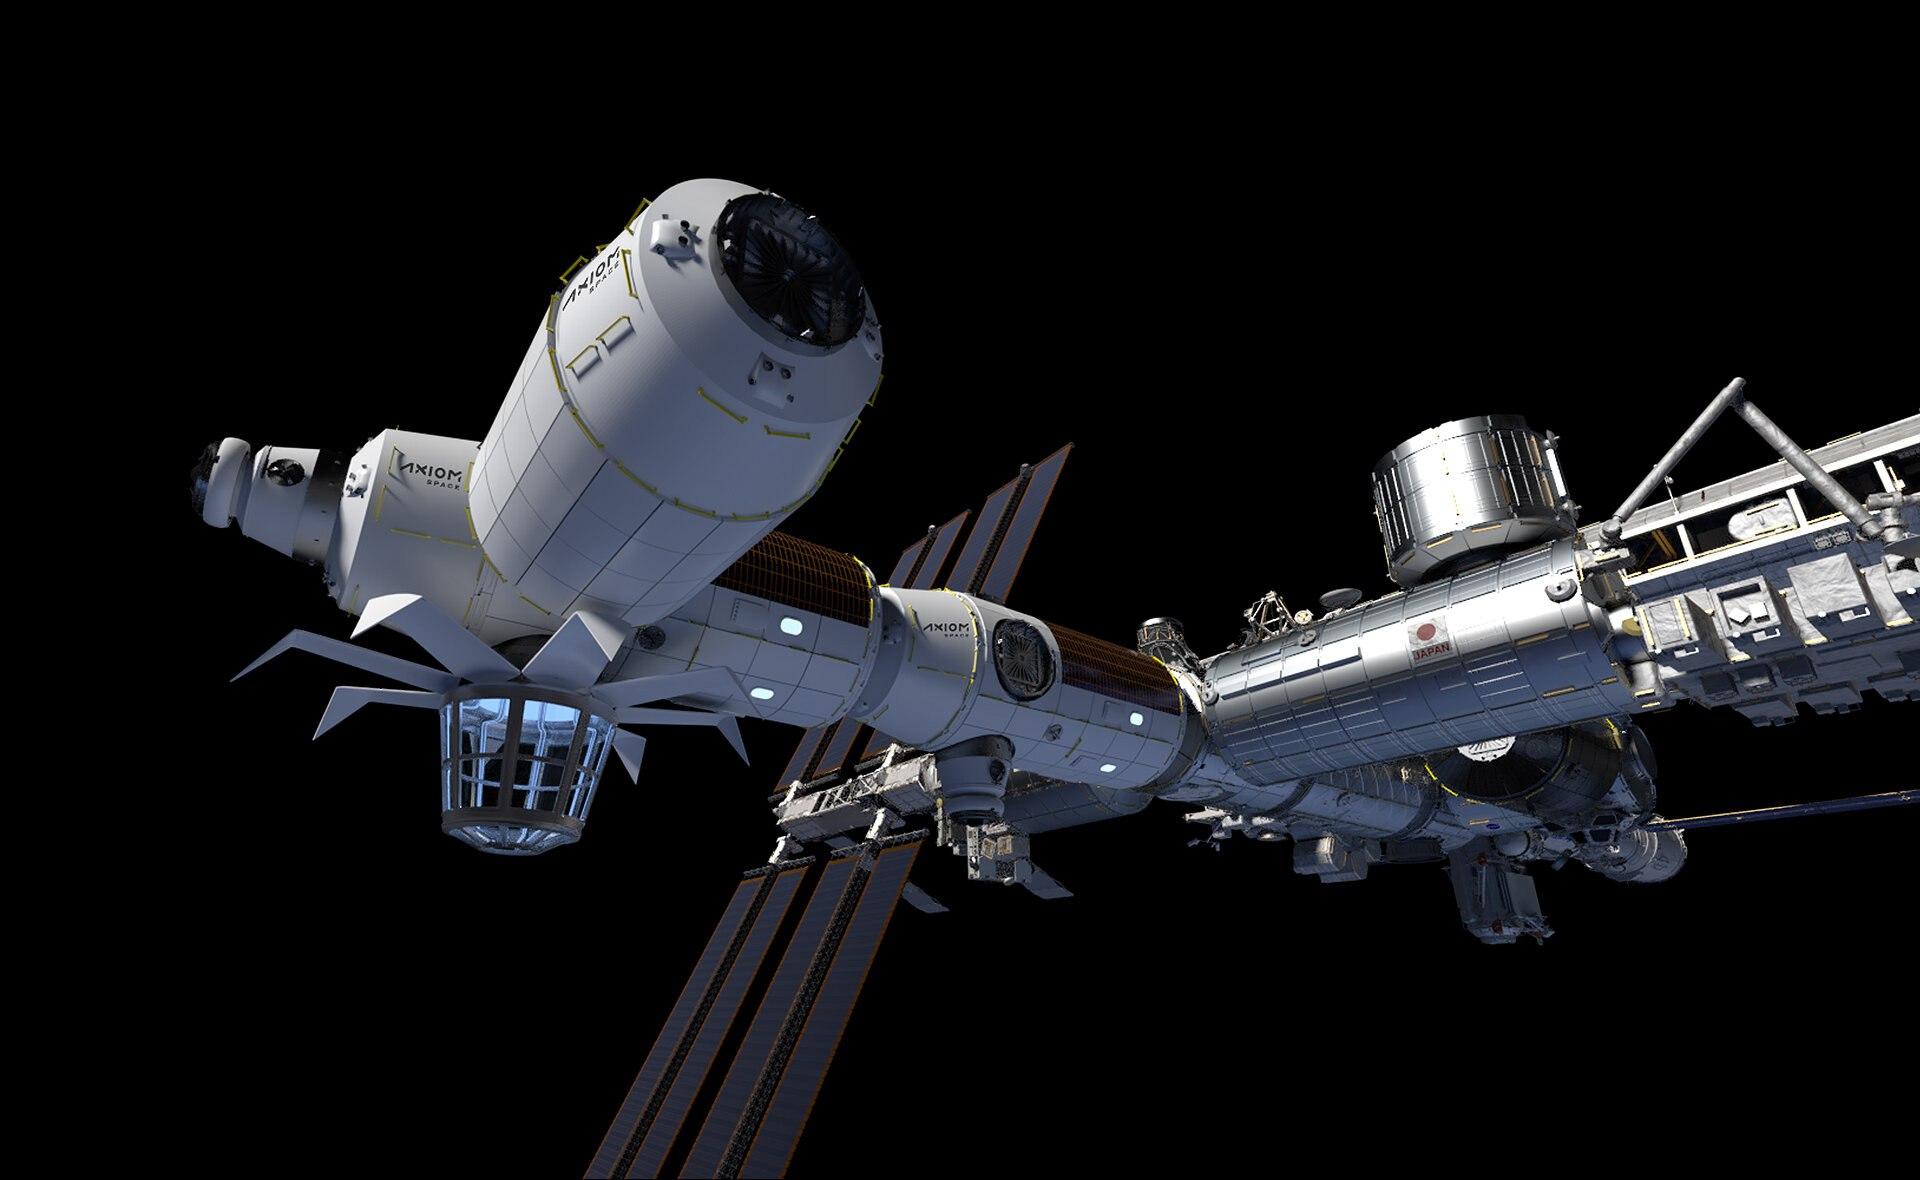 Un render di come dovrebbe essere la stazione spaziale di Axiom nel 2026, ancora attraccata alla ISS. Credits: Axiom Space